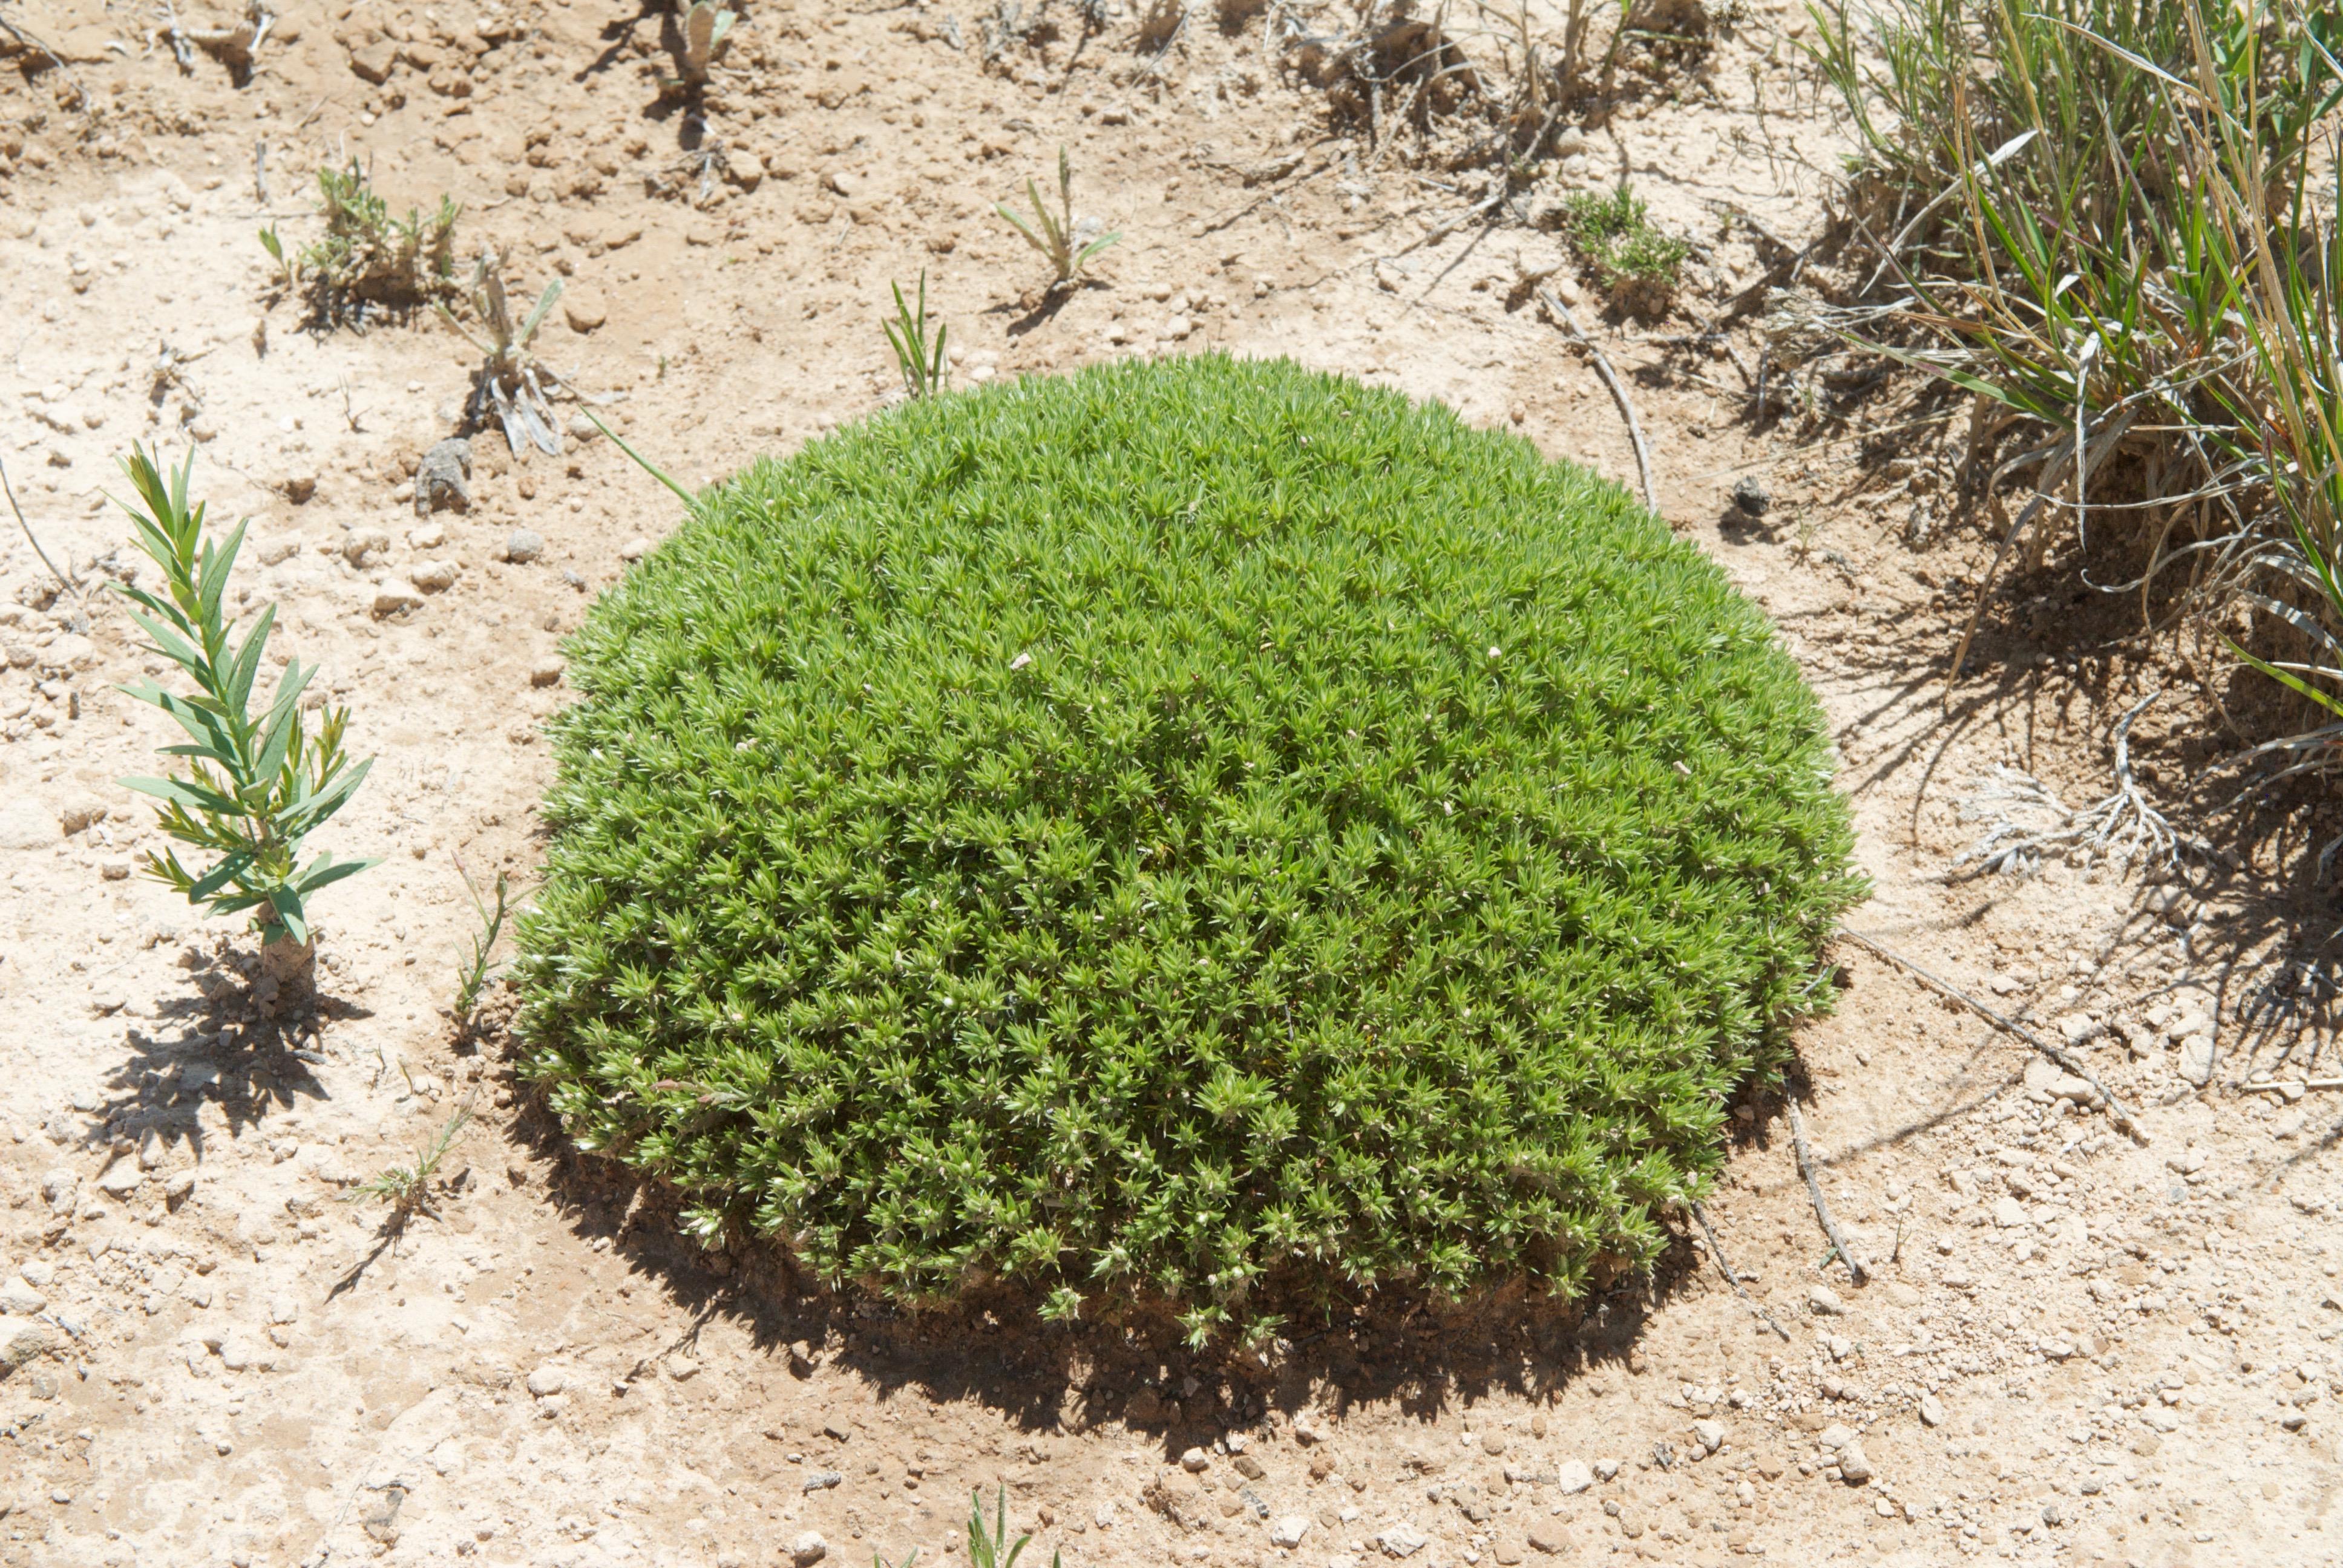 Hooker's Sandwort (Eremogone hookeri)